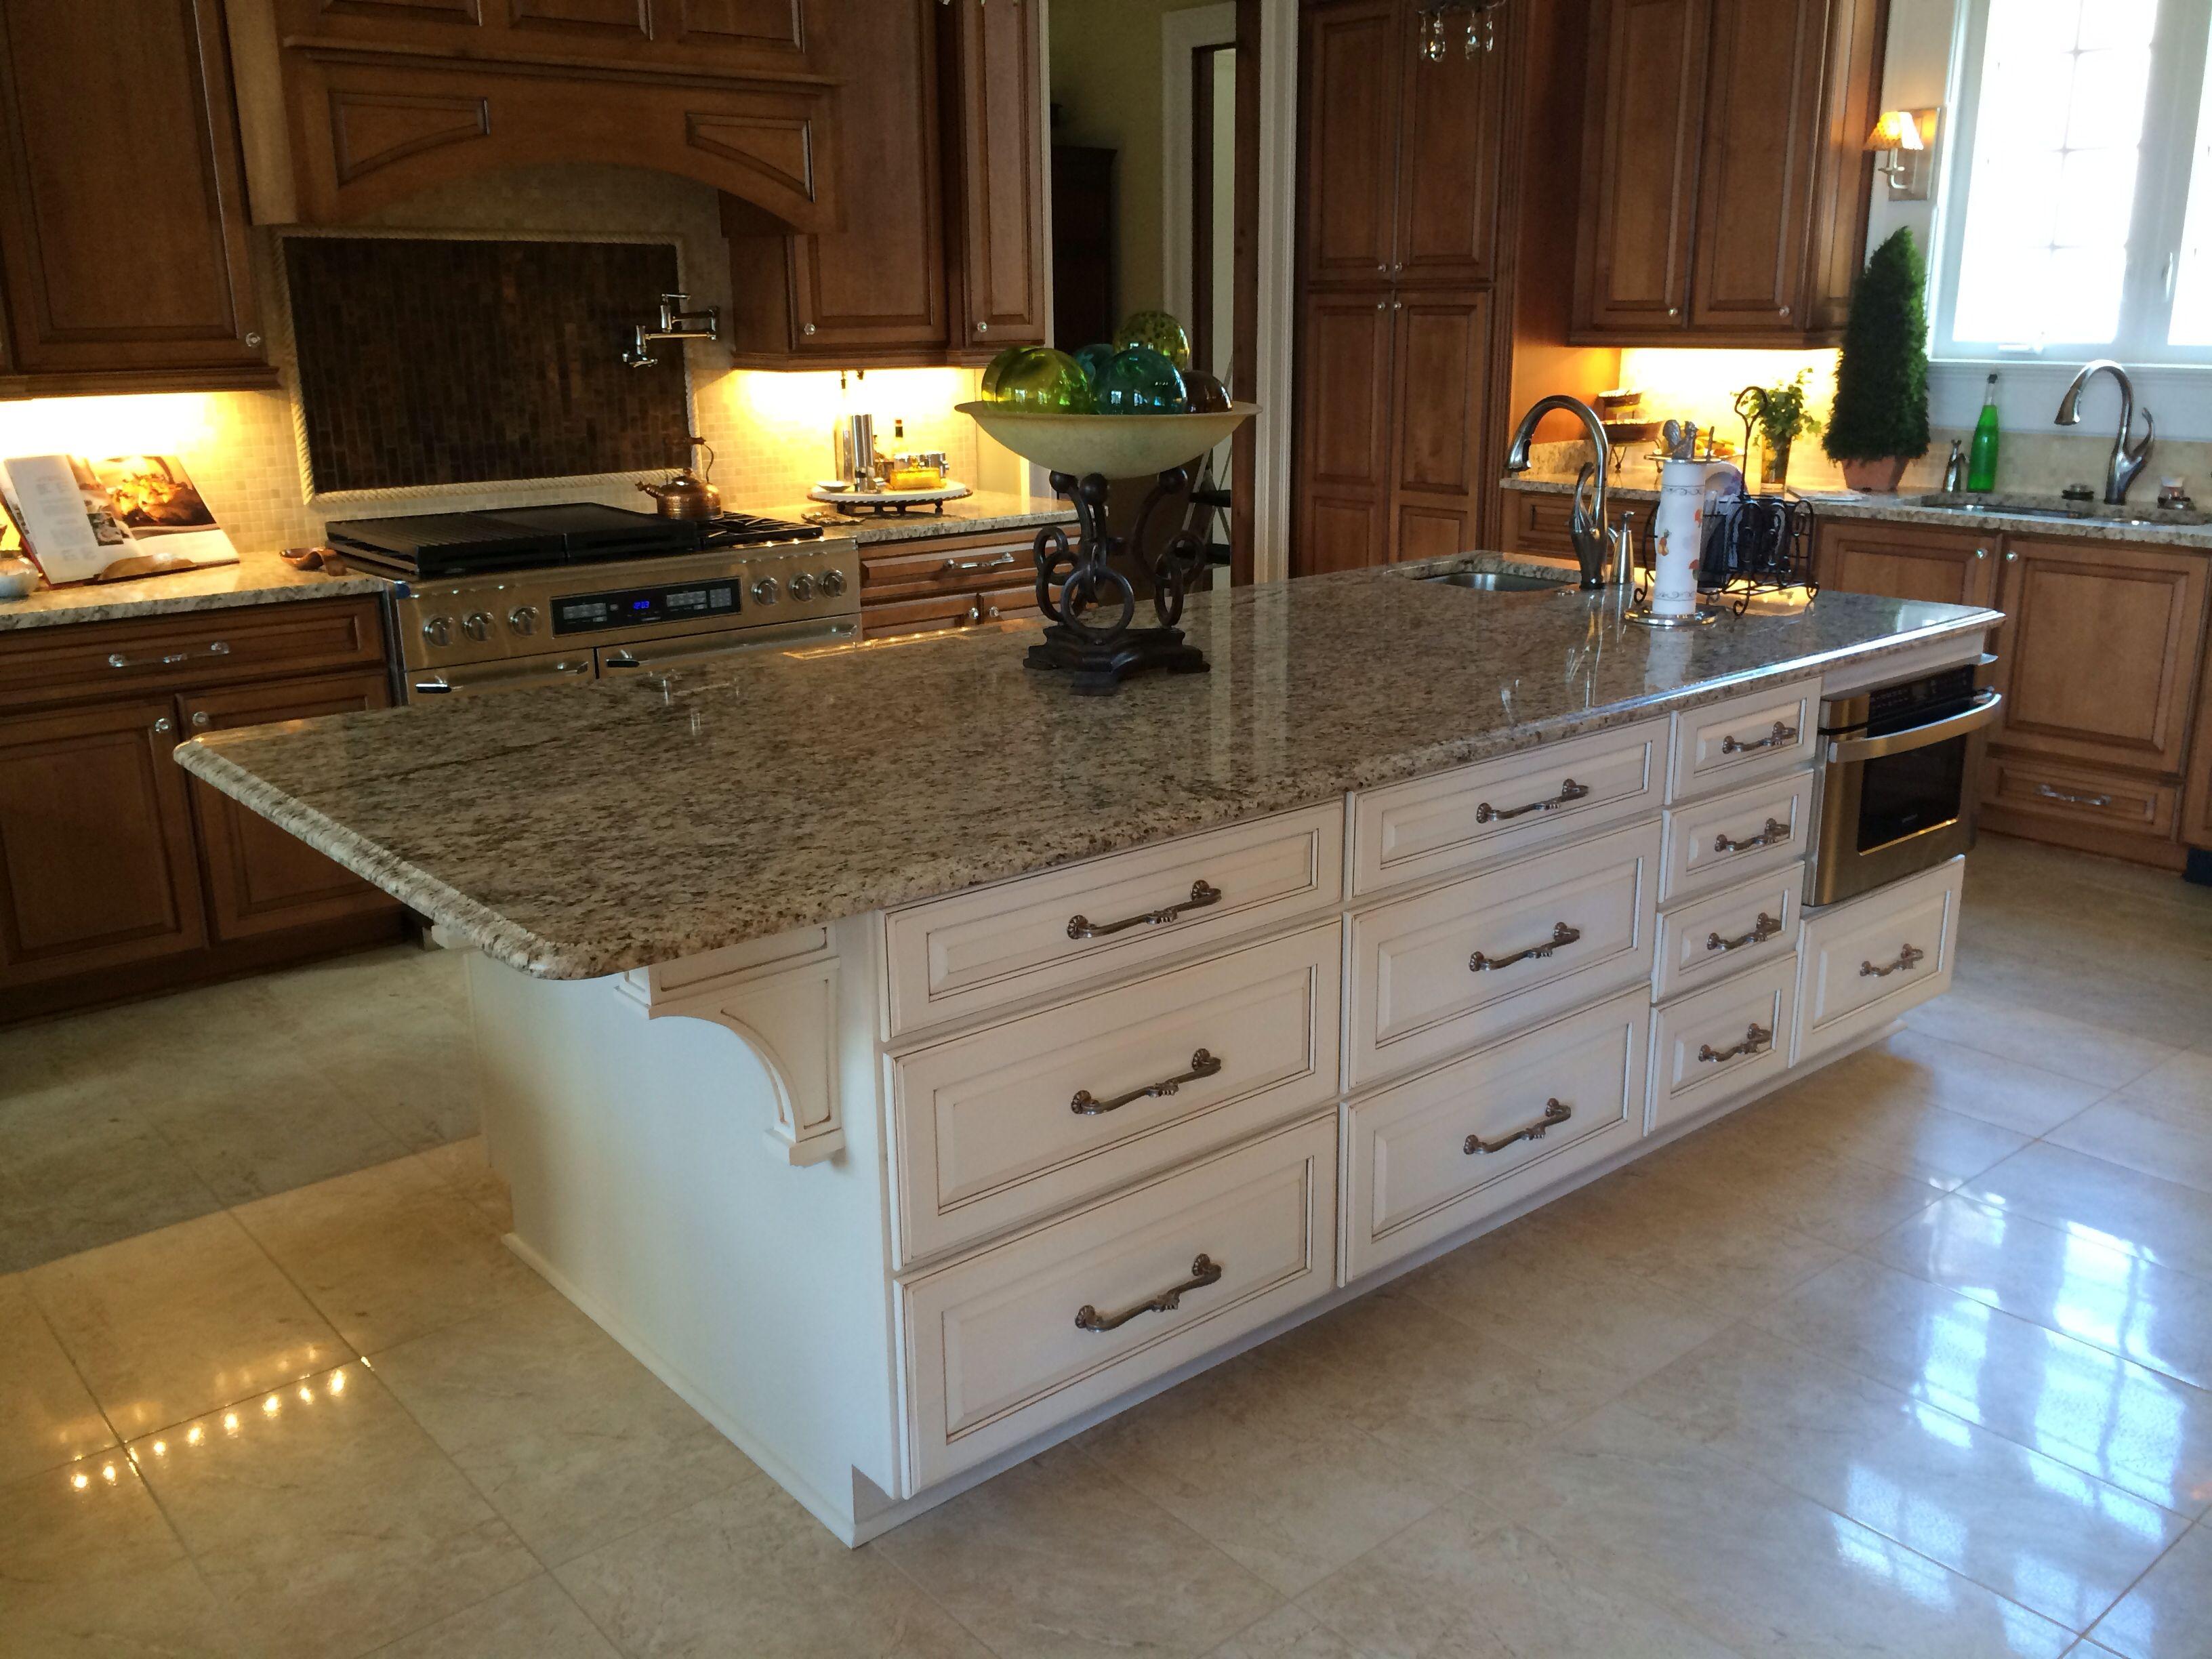 Kitchen Design Granite Magnificent Kitchen Island With Builtin Drawer Microwavegranite Tops Inspiration